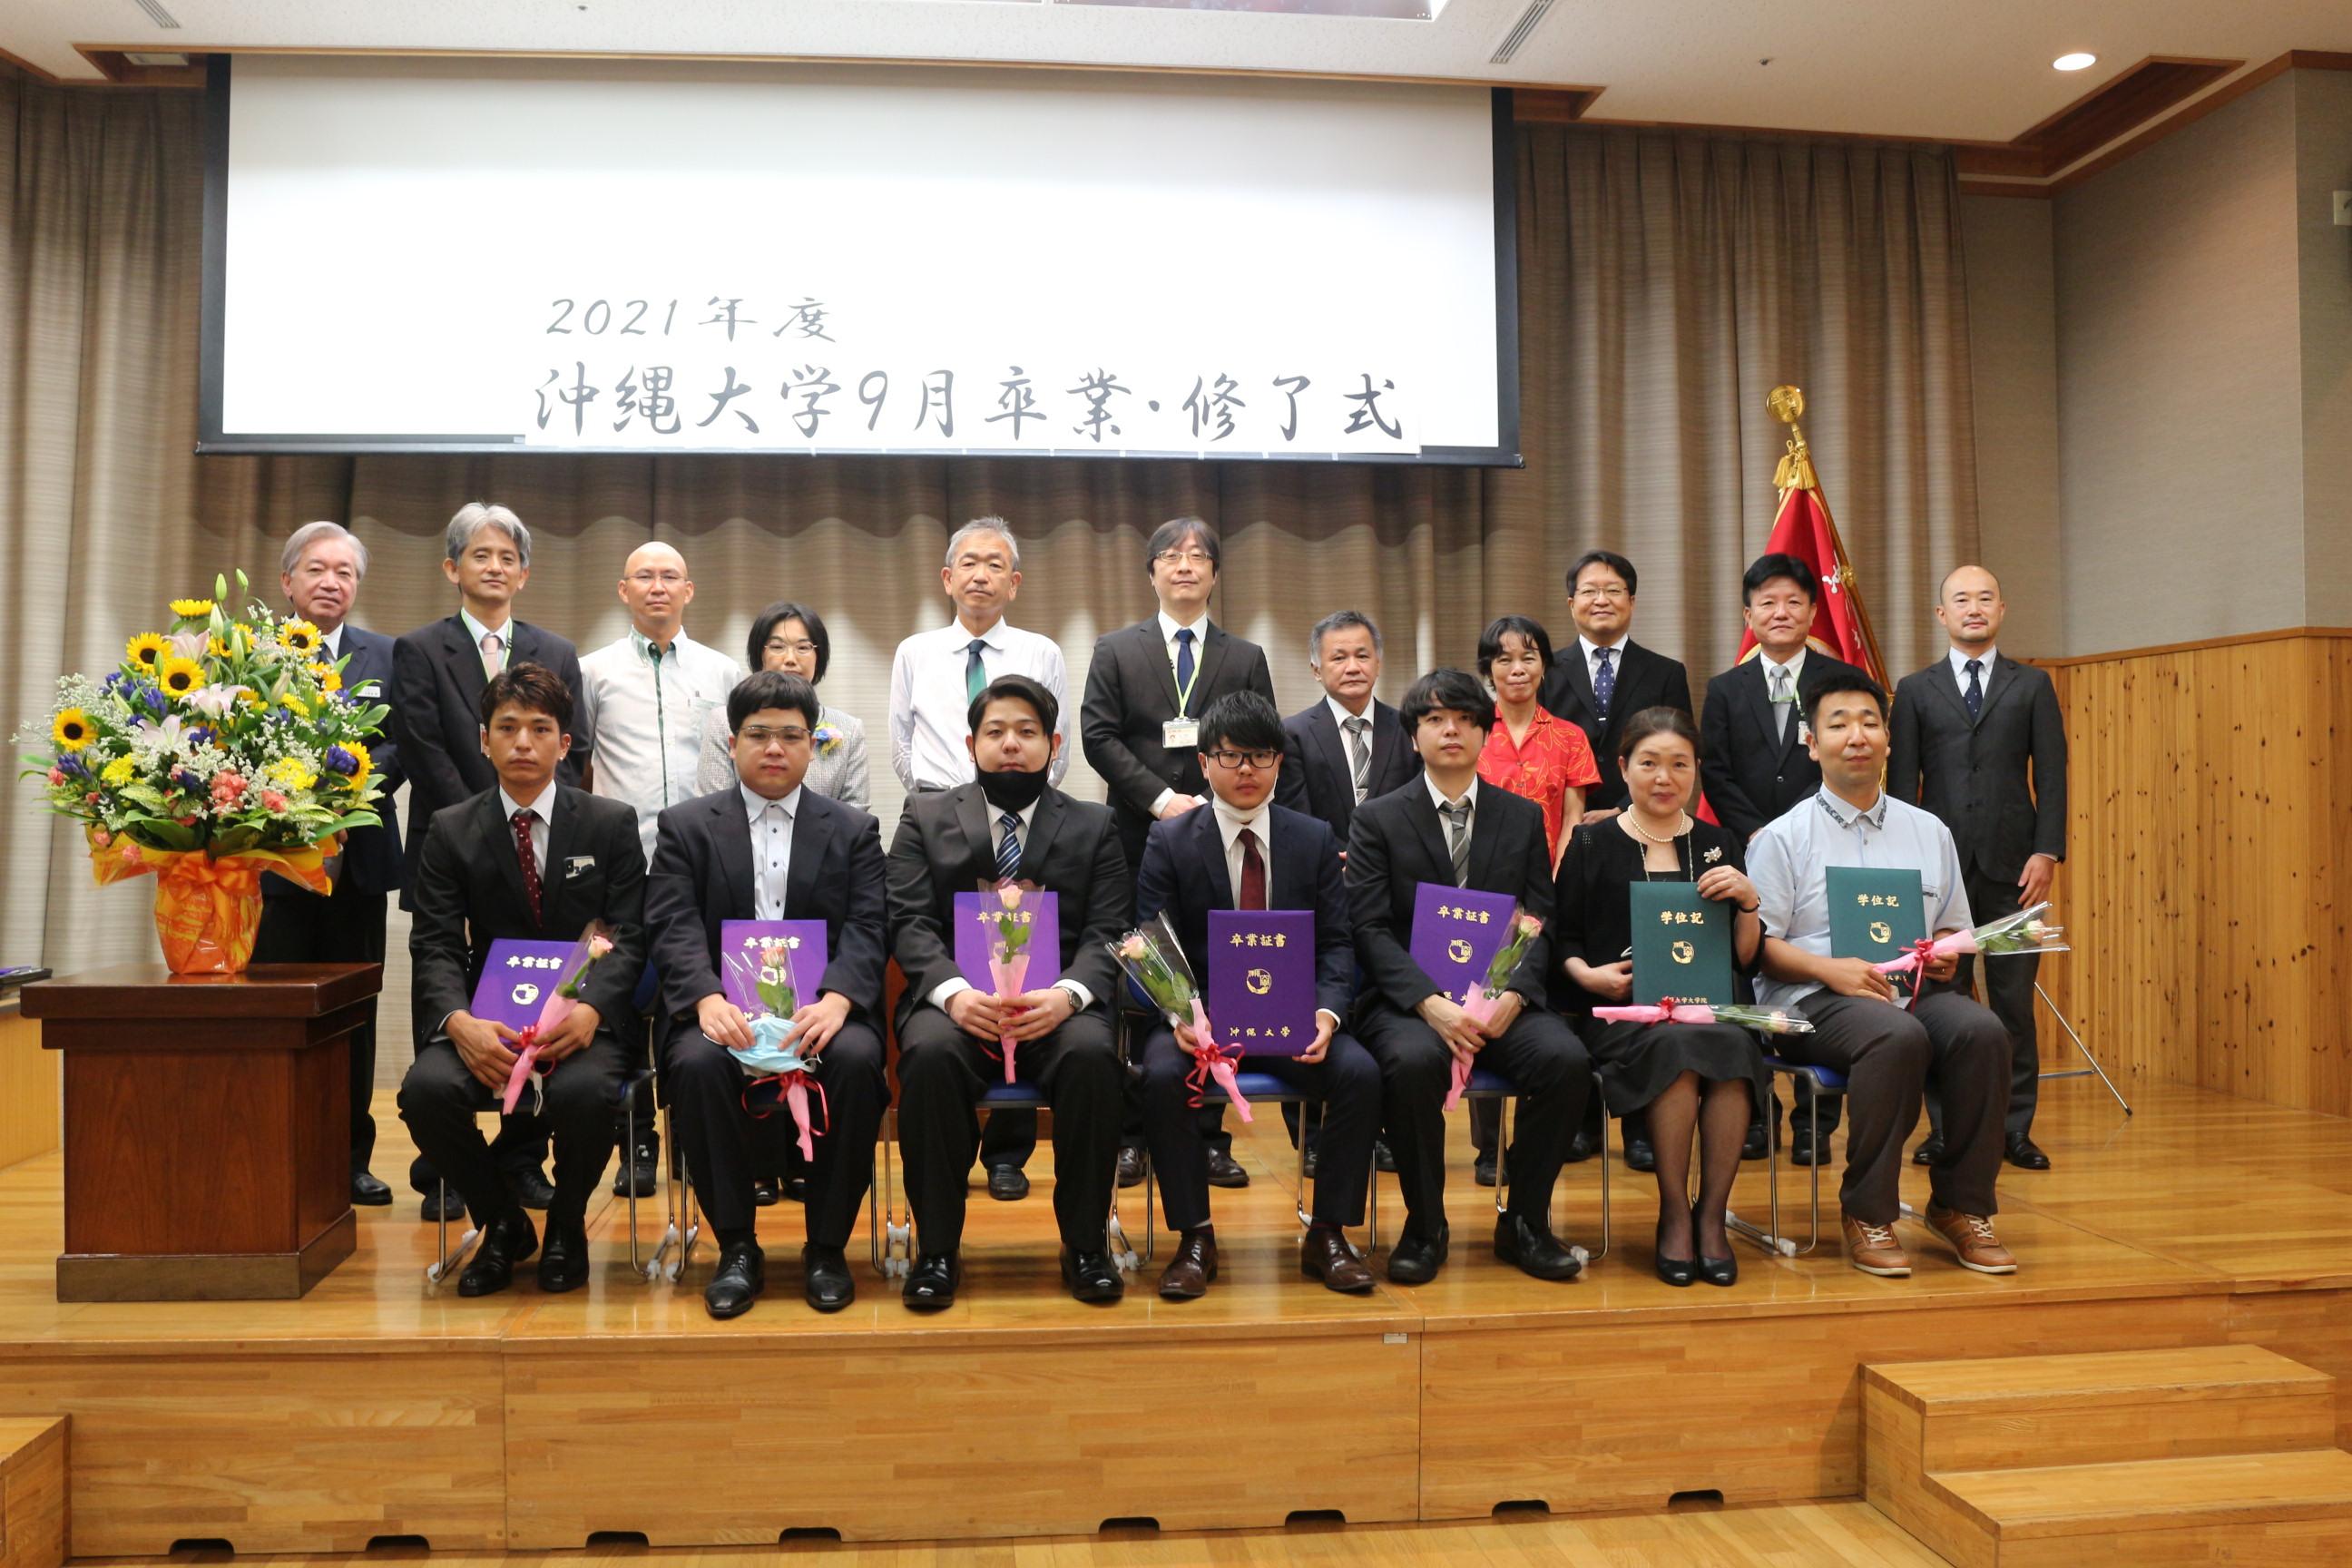 2021年度9月卒業式が開催されました。